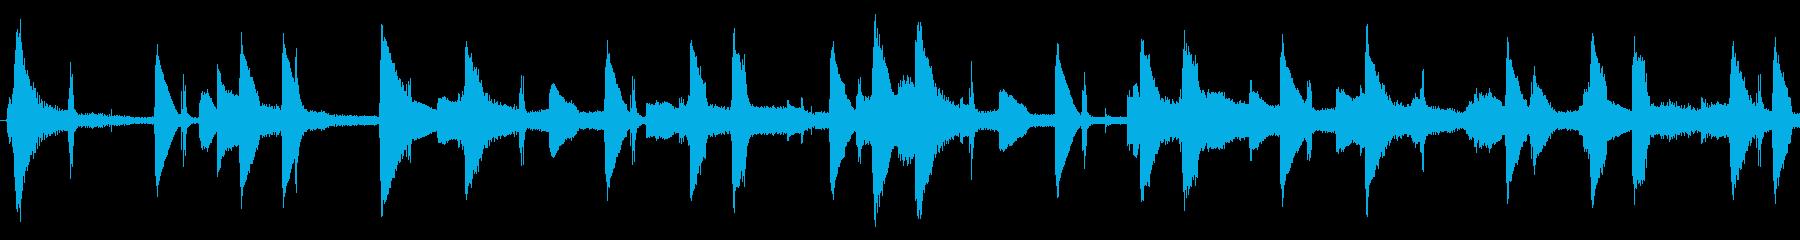 作業中に聴きたいLo-fi hiphopの再生済みの波形